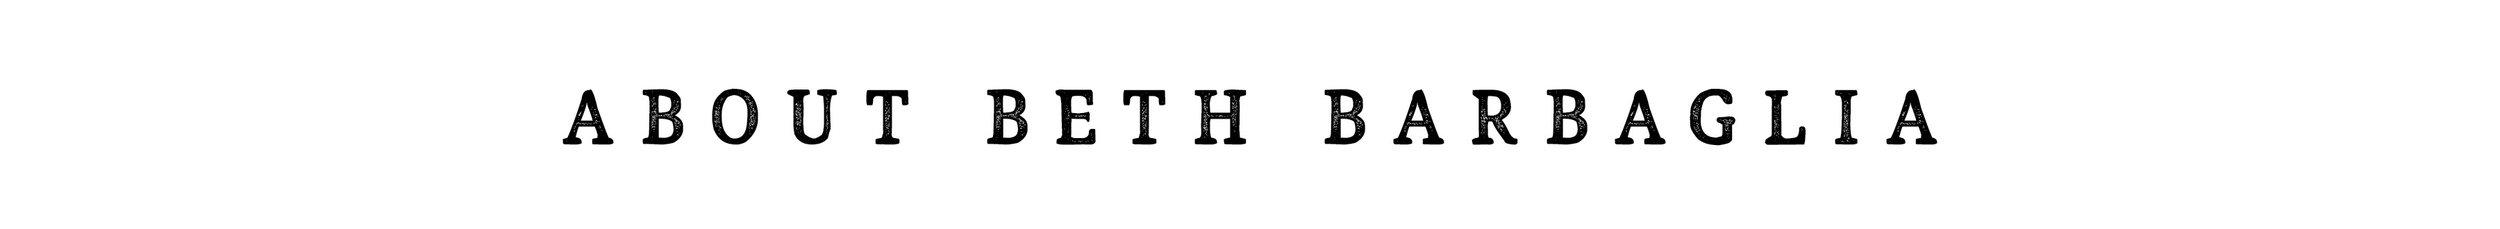 About_Beth Barbaglia.jpg